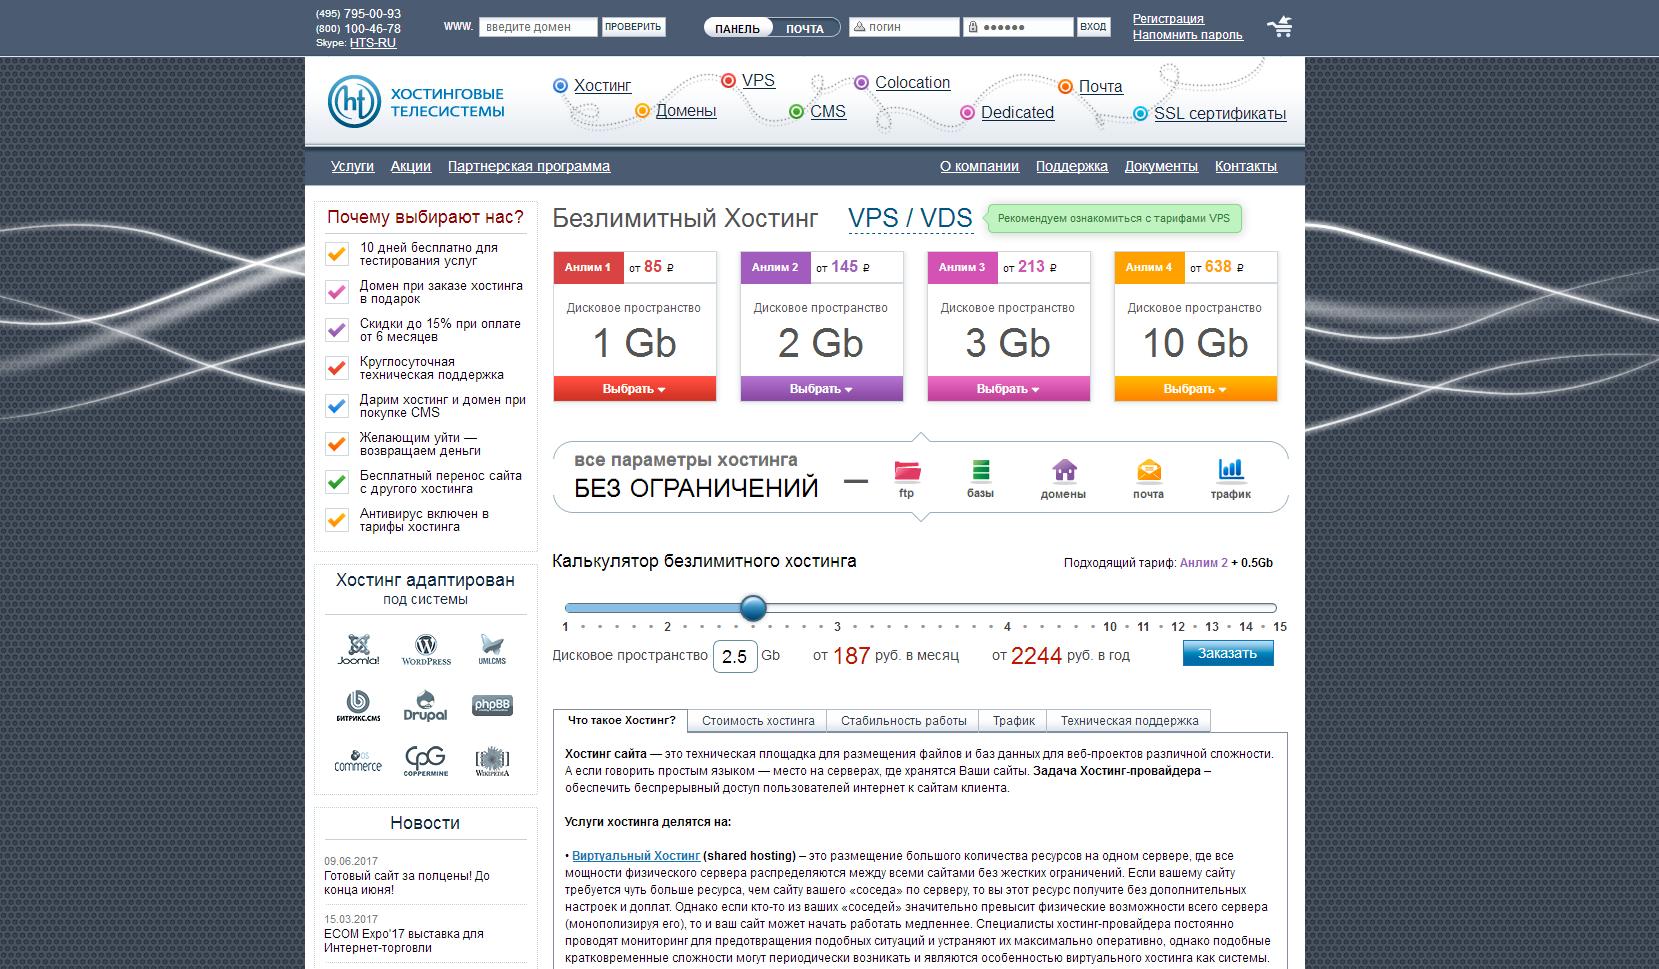 Хостинг htc отзывы хостинг базы данных mysql бесплатно php